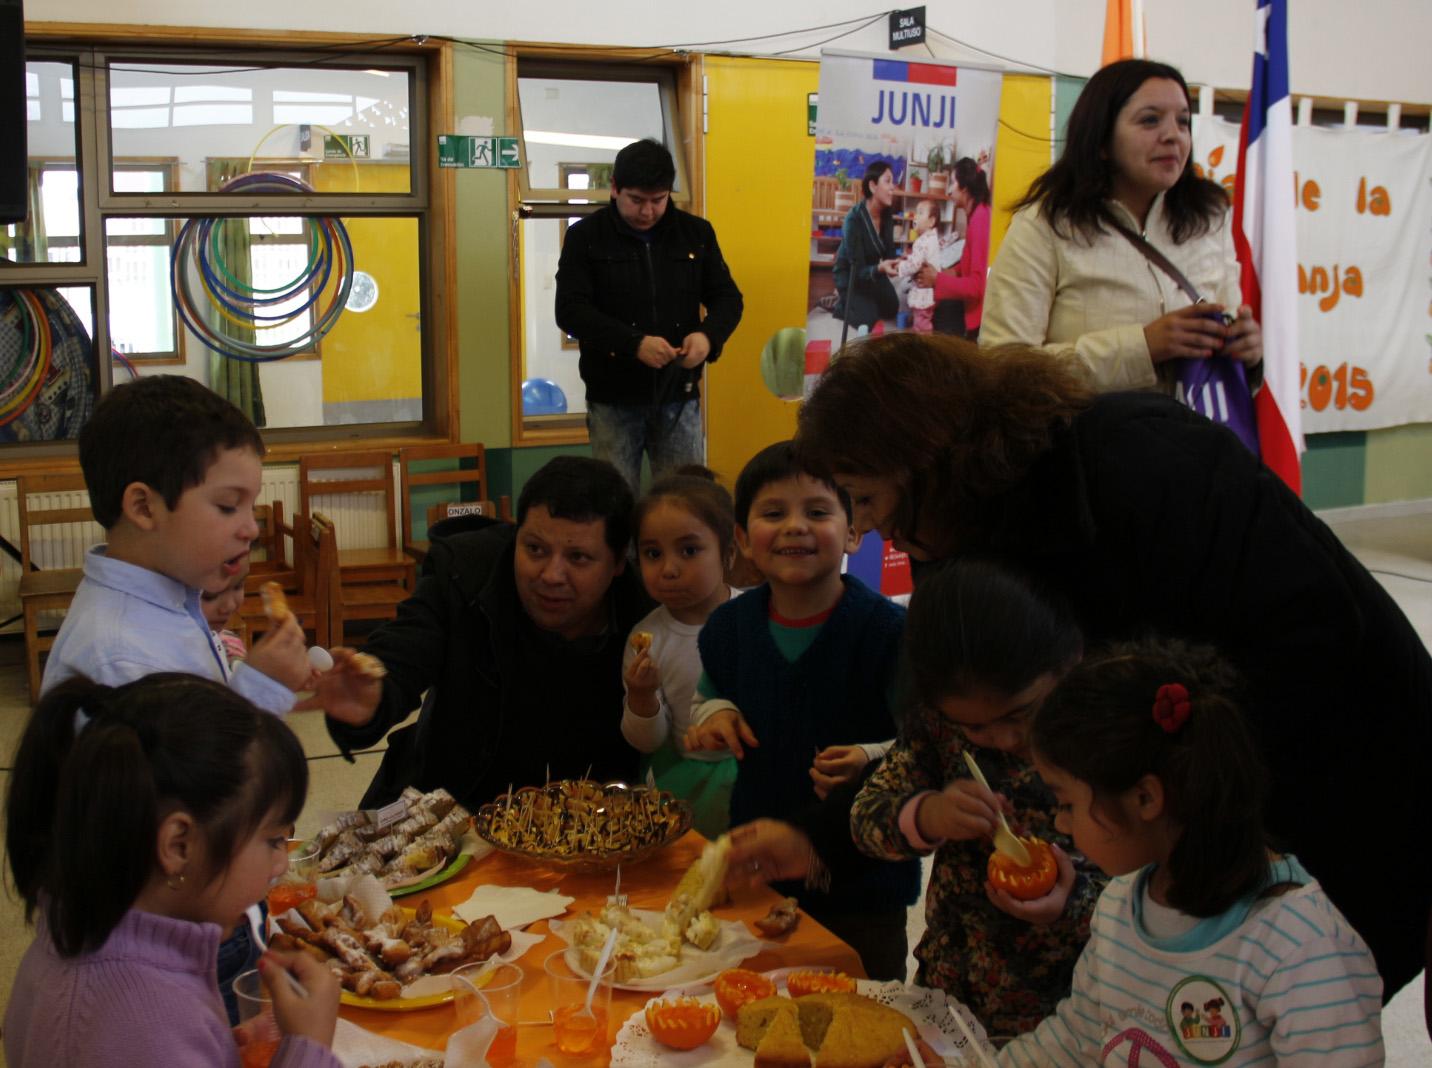 Jardín Infantil celebró el día de la Naranja en Villa Alegre